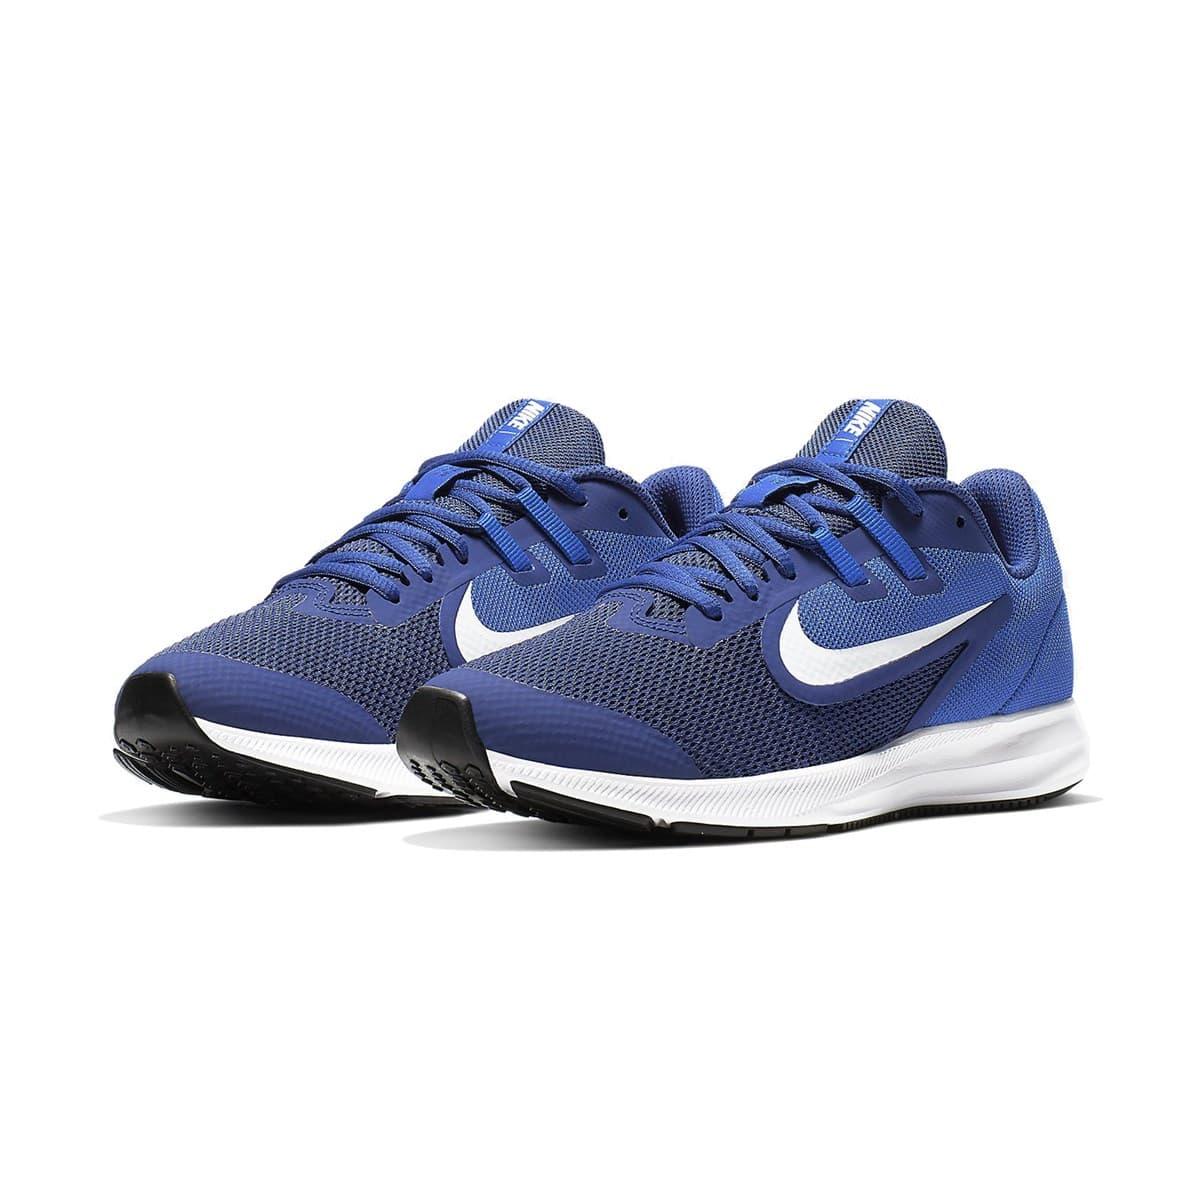 Downshifter 9 Kadın Mavi Koşu Ayakkabısı (AR4135-400)